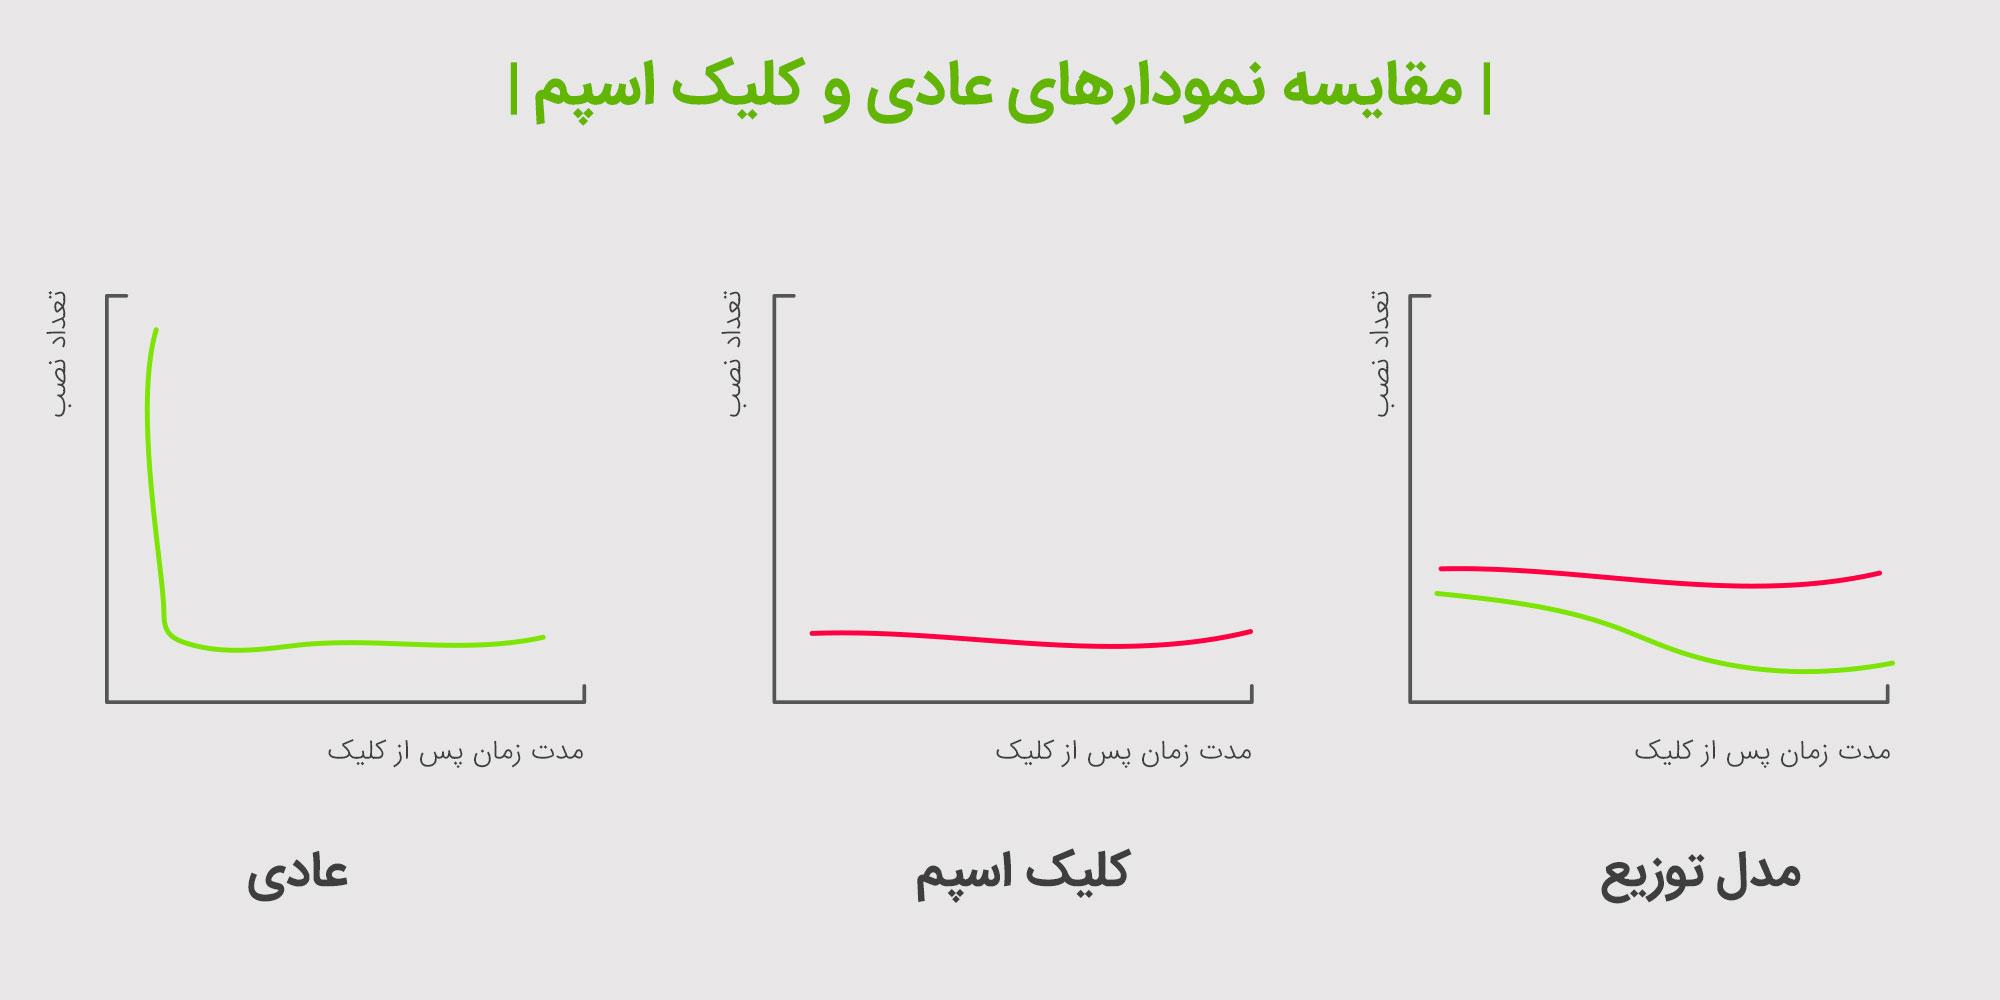 مقایسه نمودارهای عادی و غیرعادی